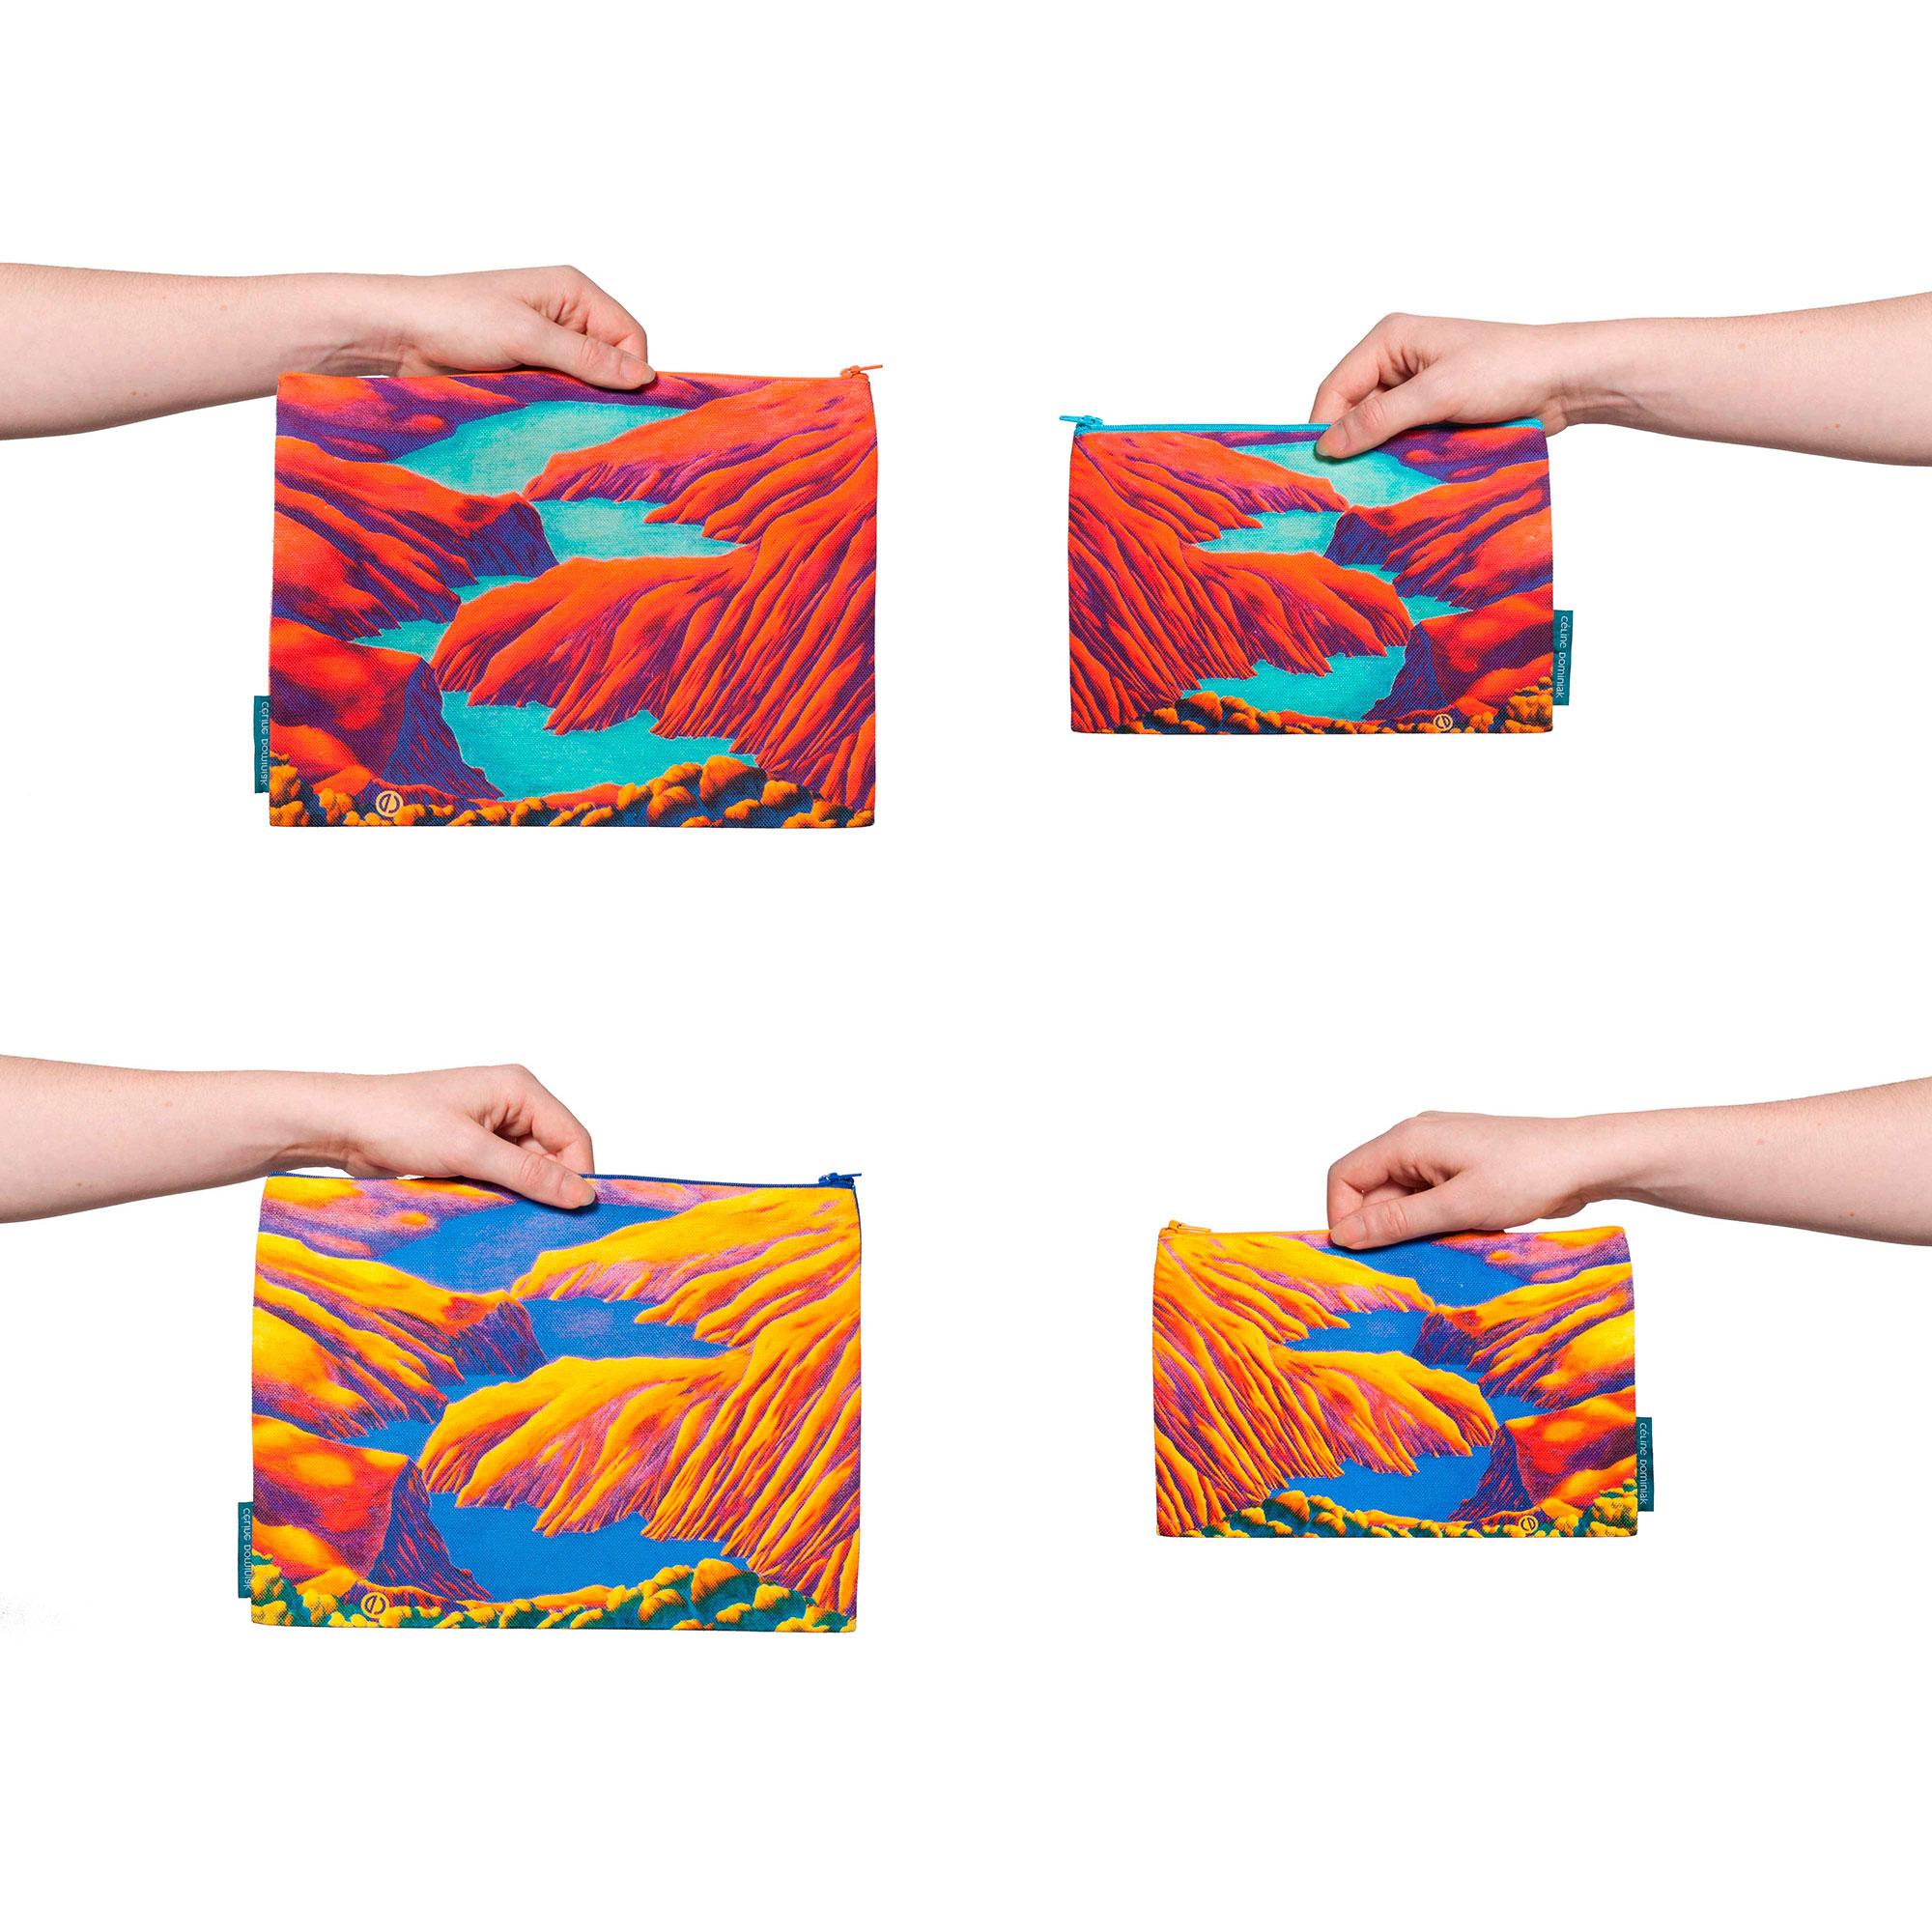 Pochettes en tissu Rêves martiens rouge et jaune de Céline Dominiak